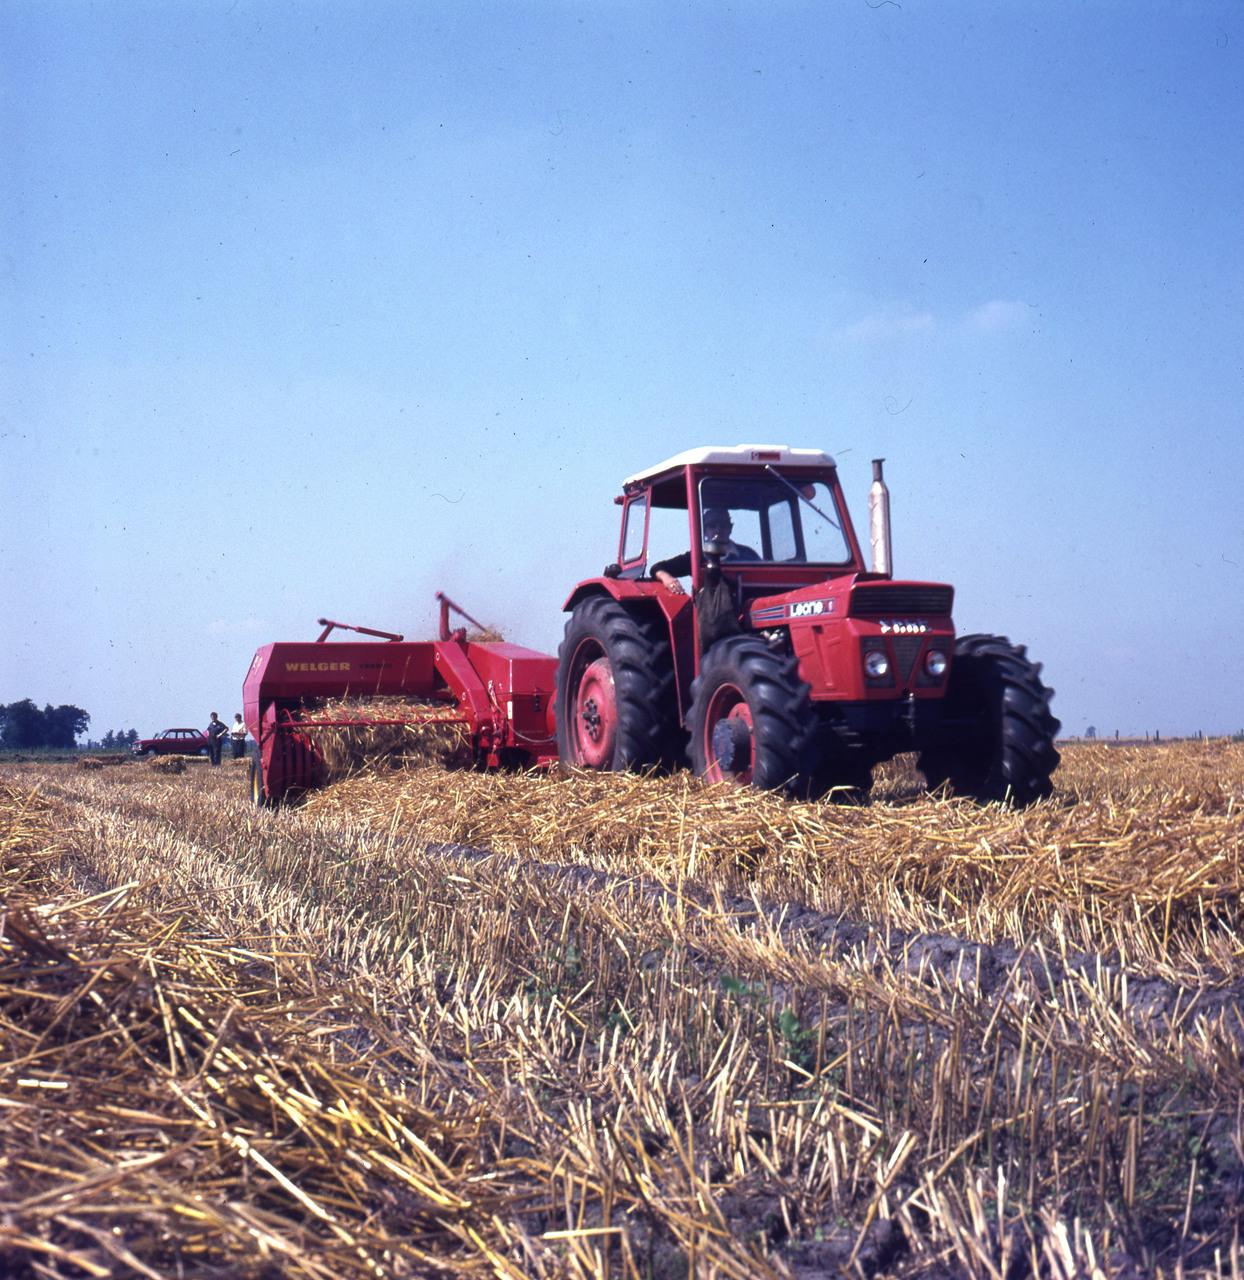 [SAME] trattore Leone 70 al lavoro con macchina per pressare la paglia